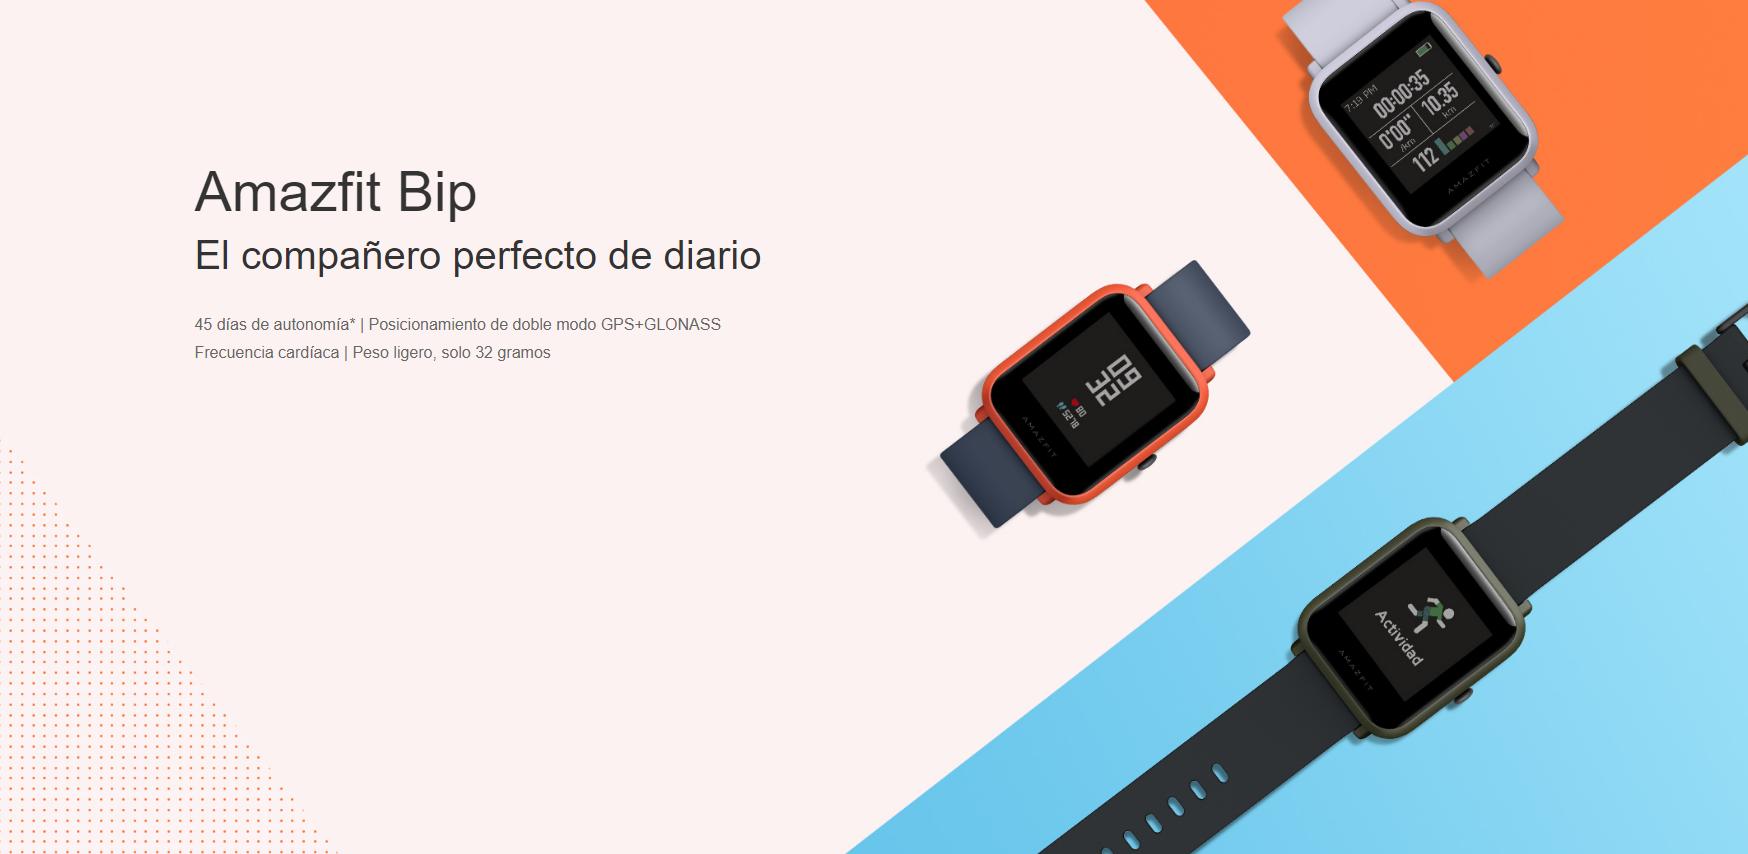 Comprar Amazfit Verge Lite y Bip al mejor precio en oferta. Noticias Xiaomi Adictos